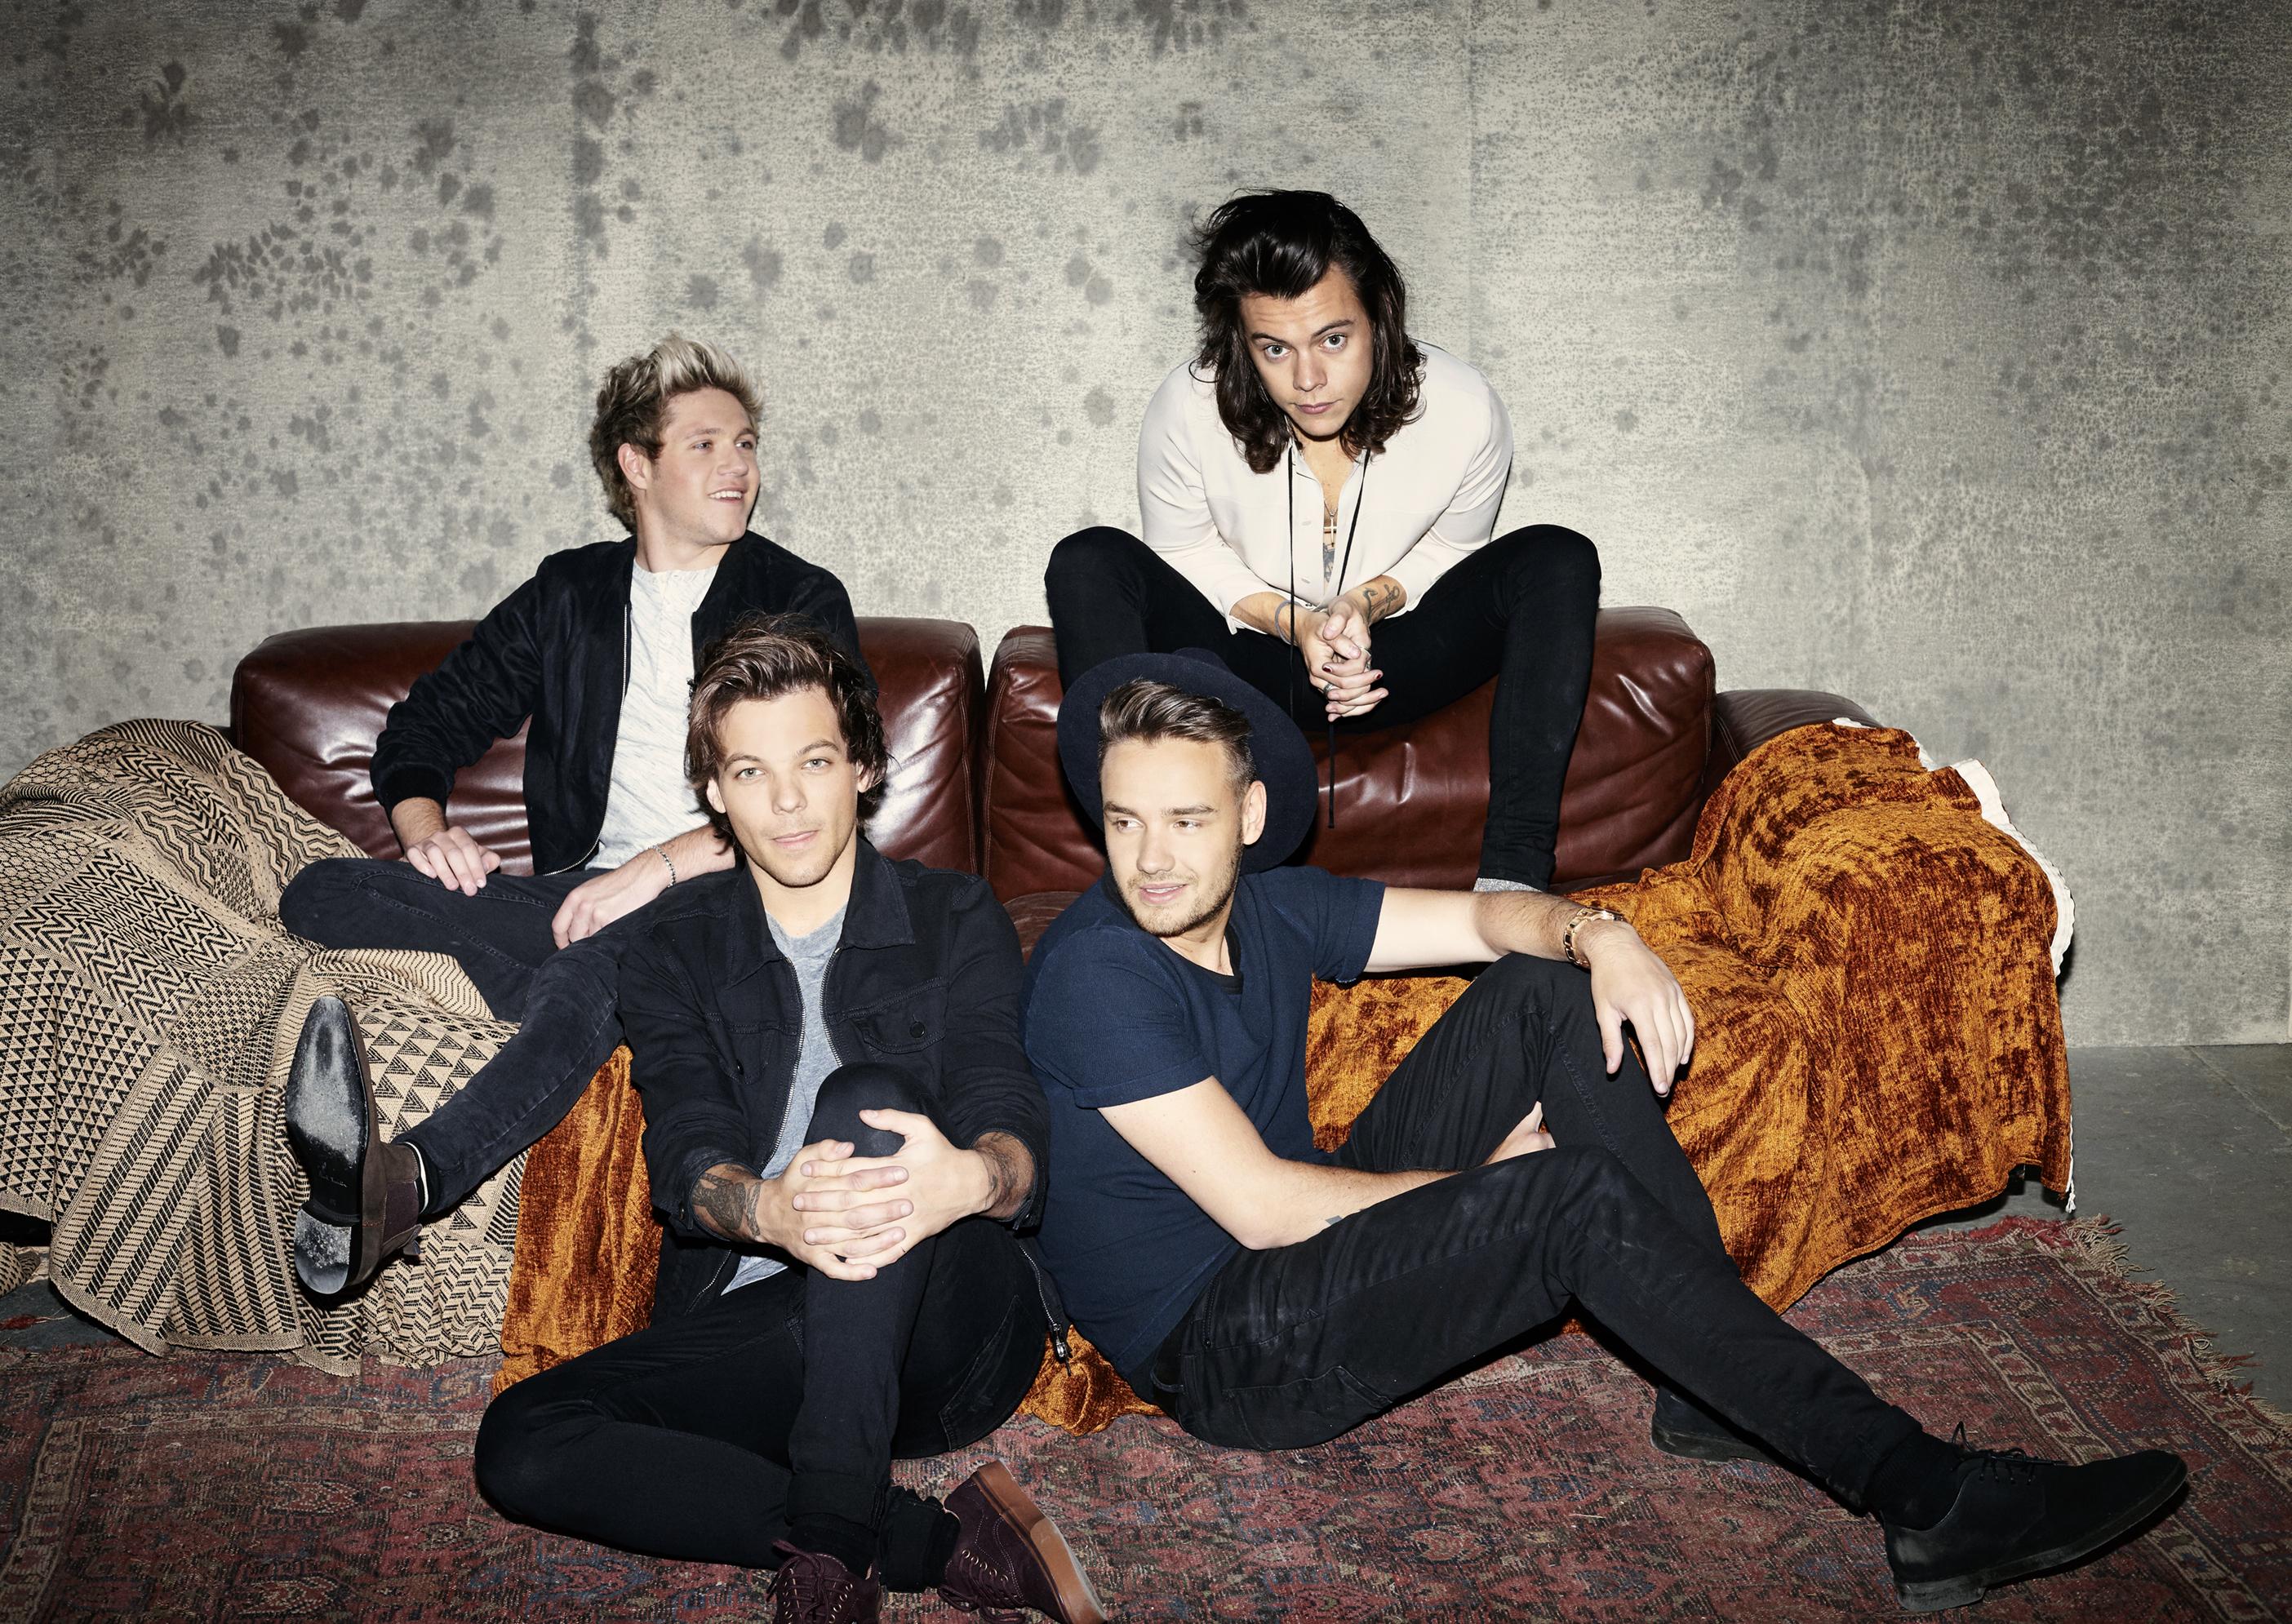 när fyller alla i one direction år One Direction börjar åtminstone sitt avslut lysande   Musikbloggen när fyller alla i one direction år